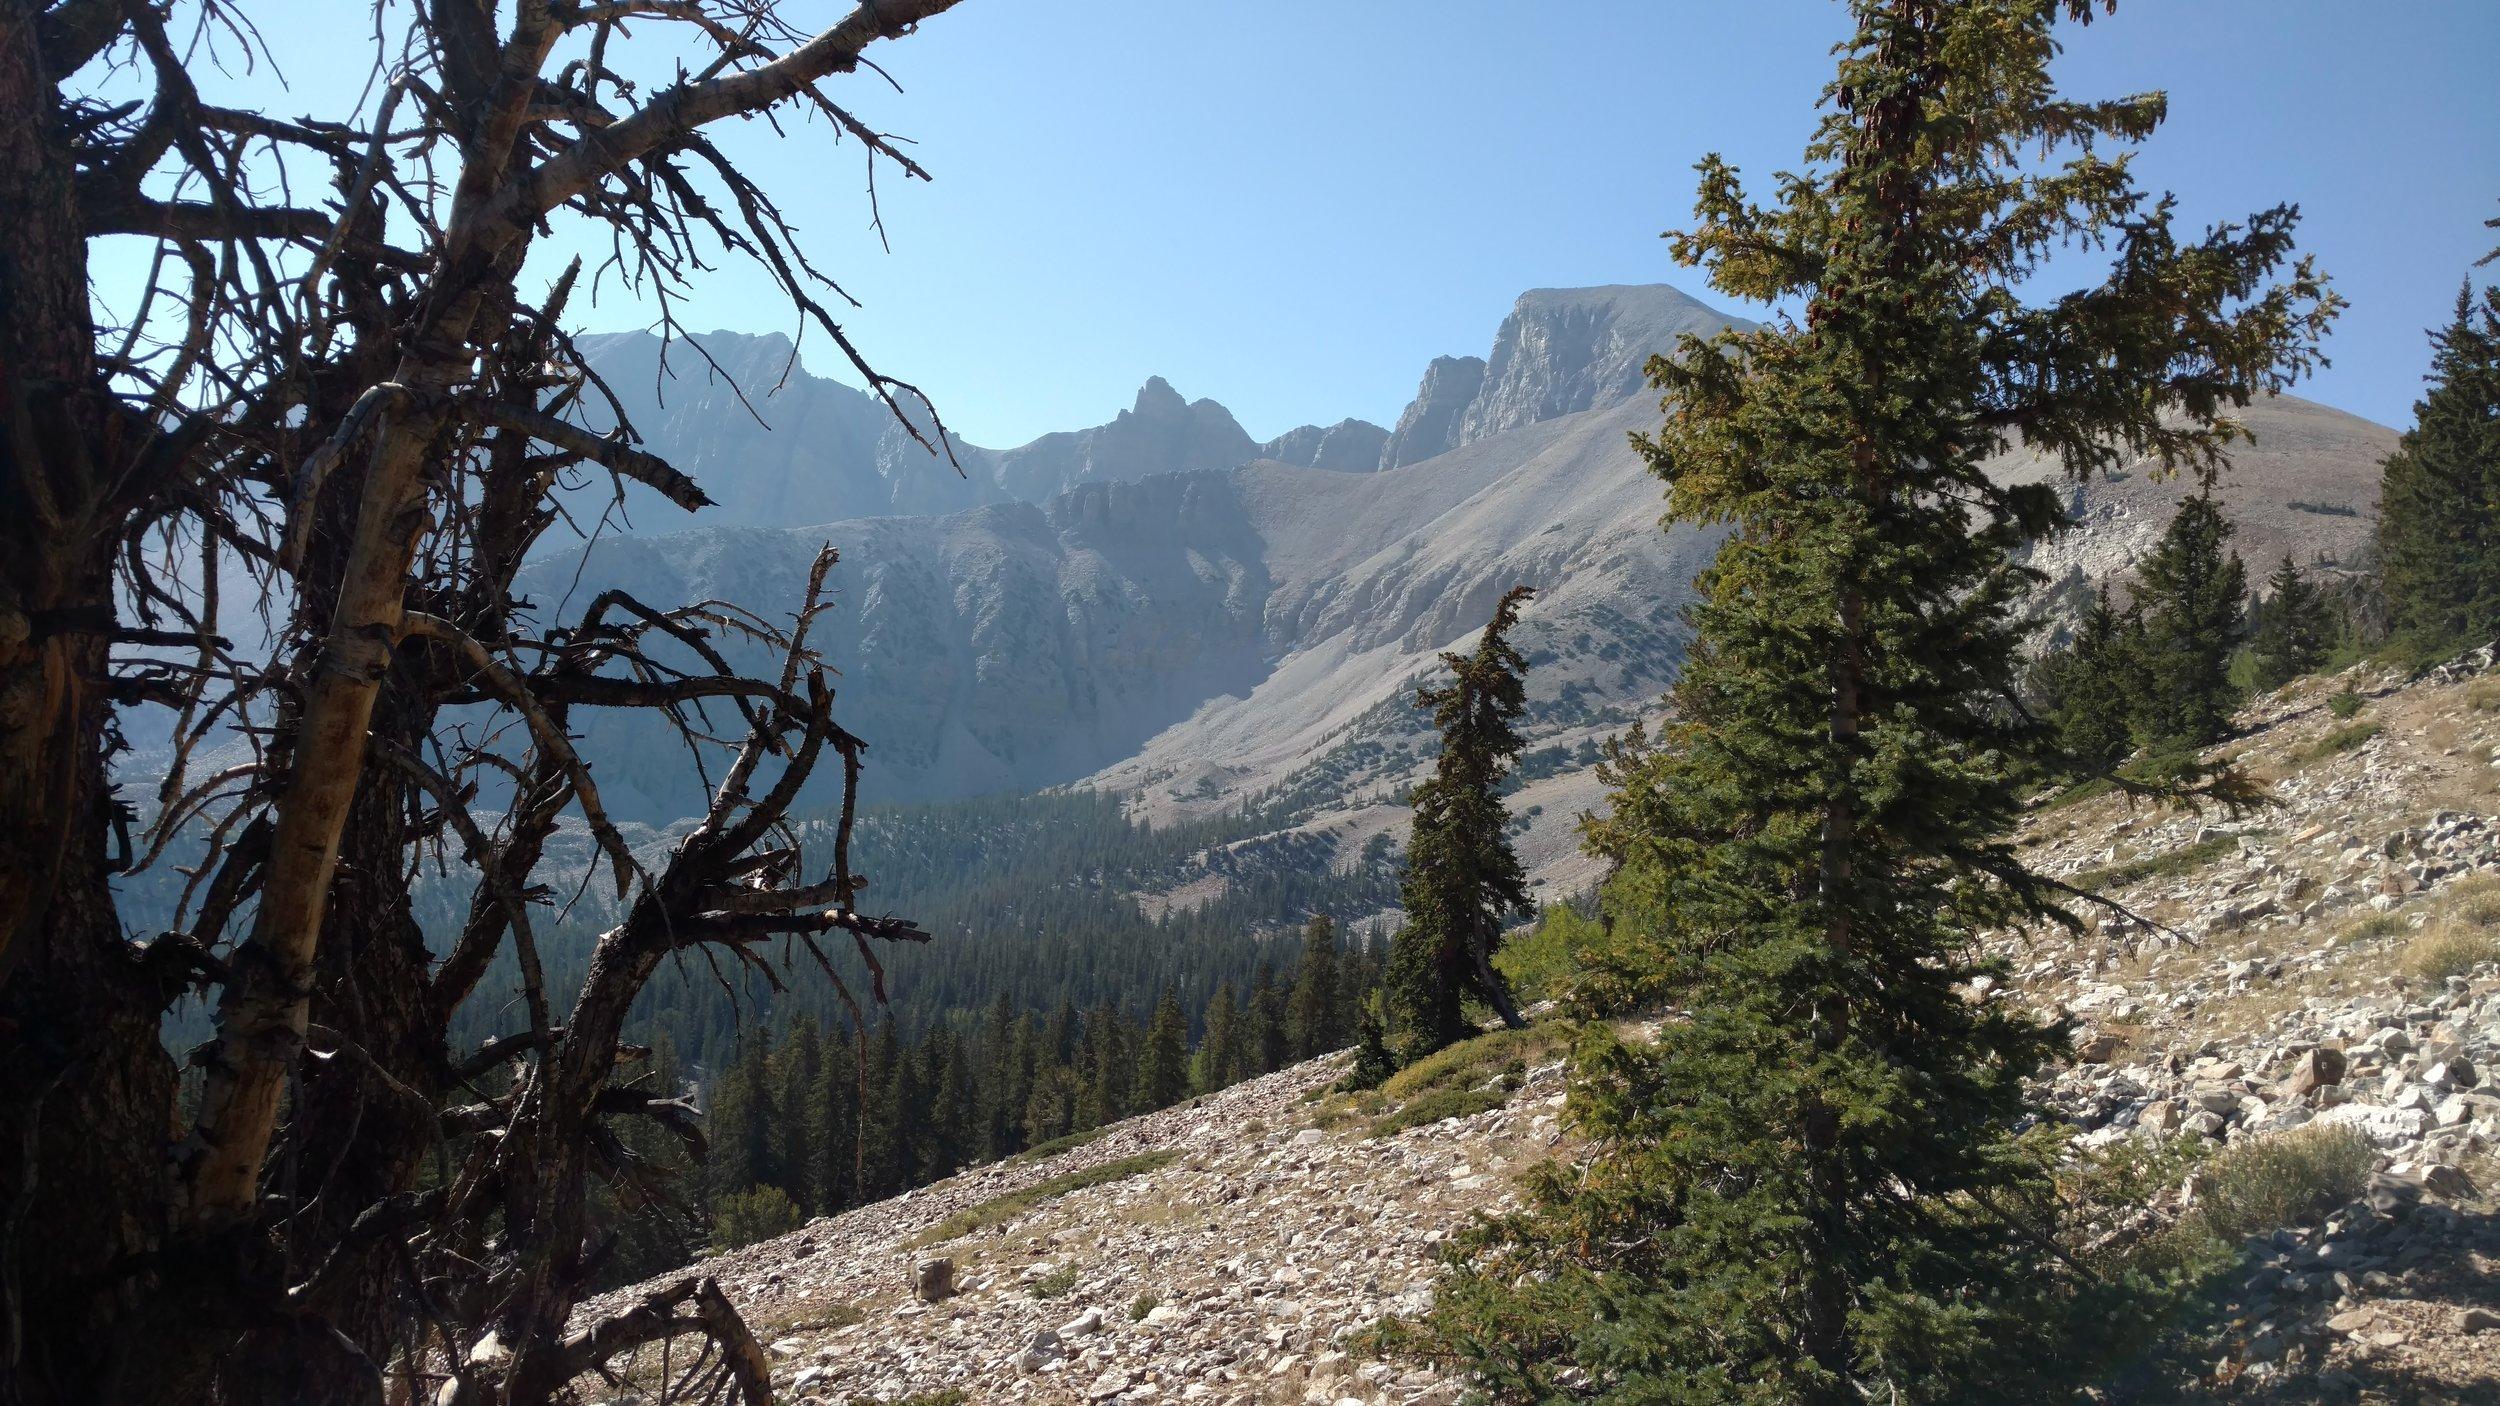 Trail view of peaks near ridgeline